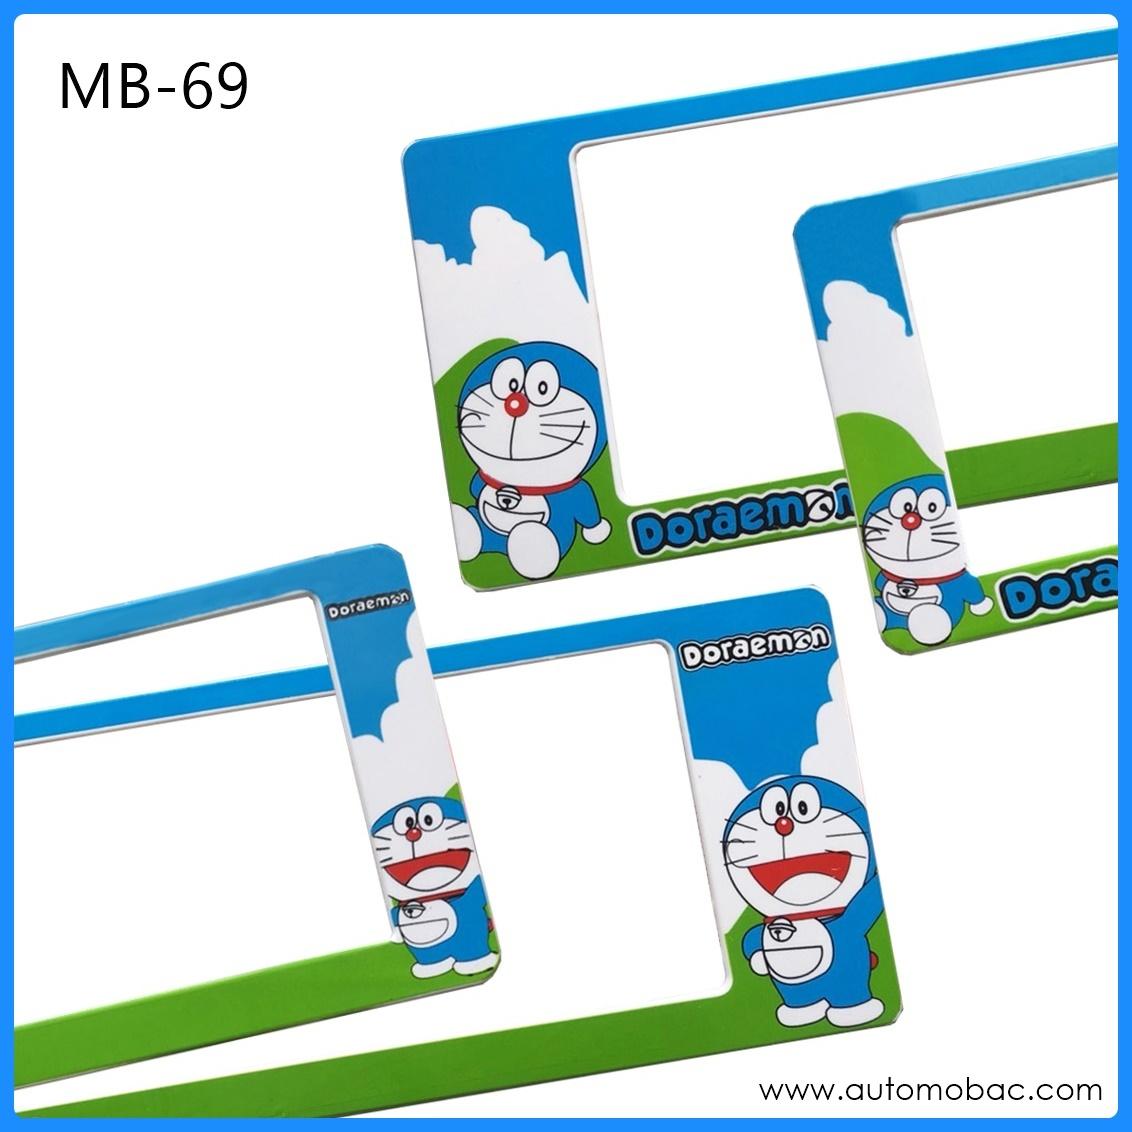 กรอบป้ายทะเบียนรถยนต์กันน้ำ MB-69 Doraemon มี 3 แบบ สั้น-ยาว ระบบล็อค 8 จุด อะไหล่ครบ